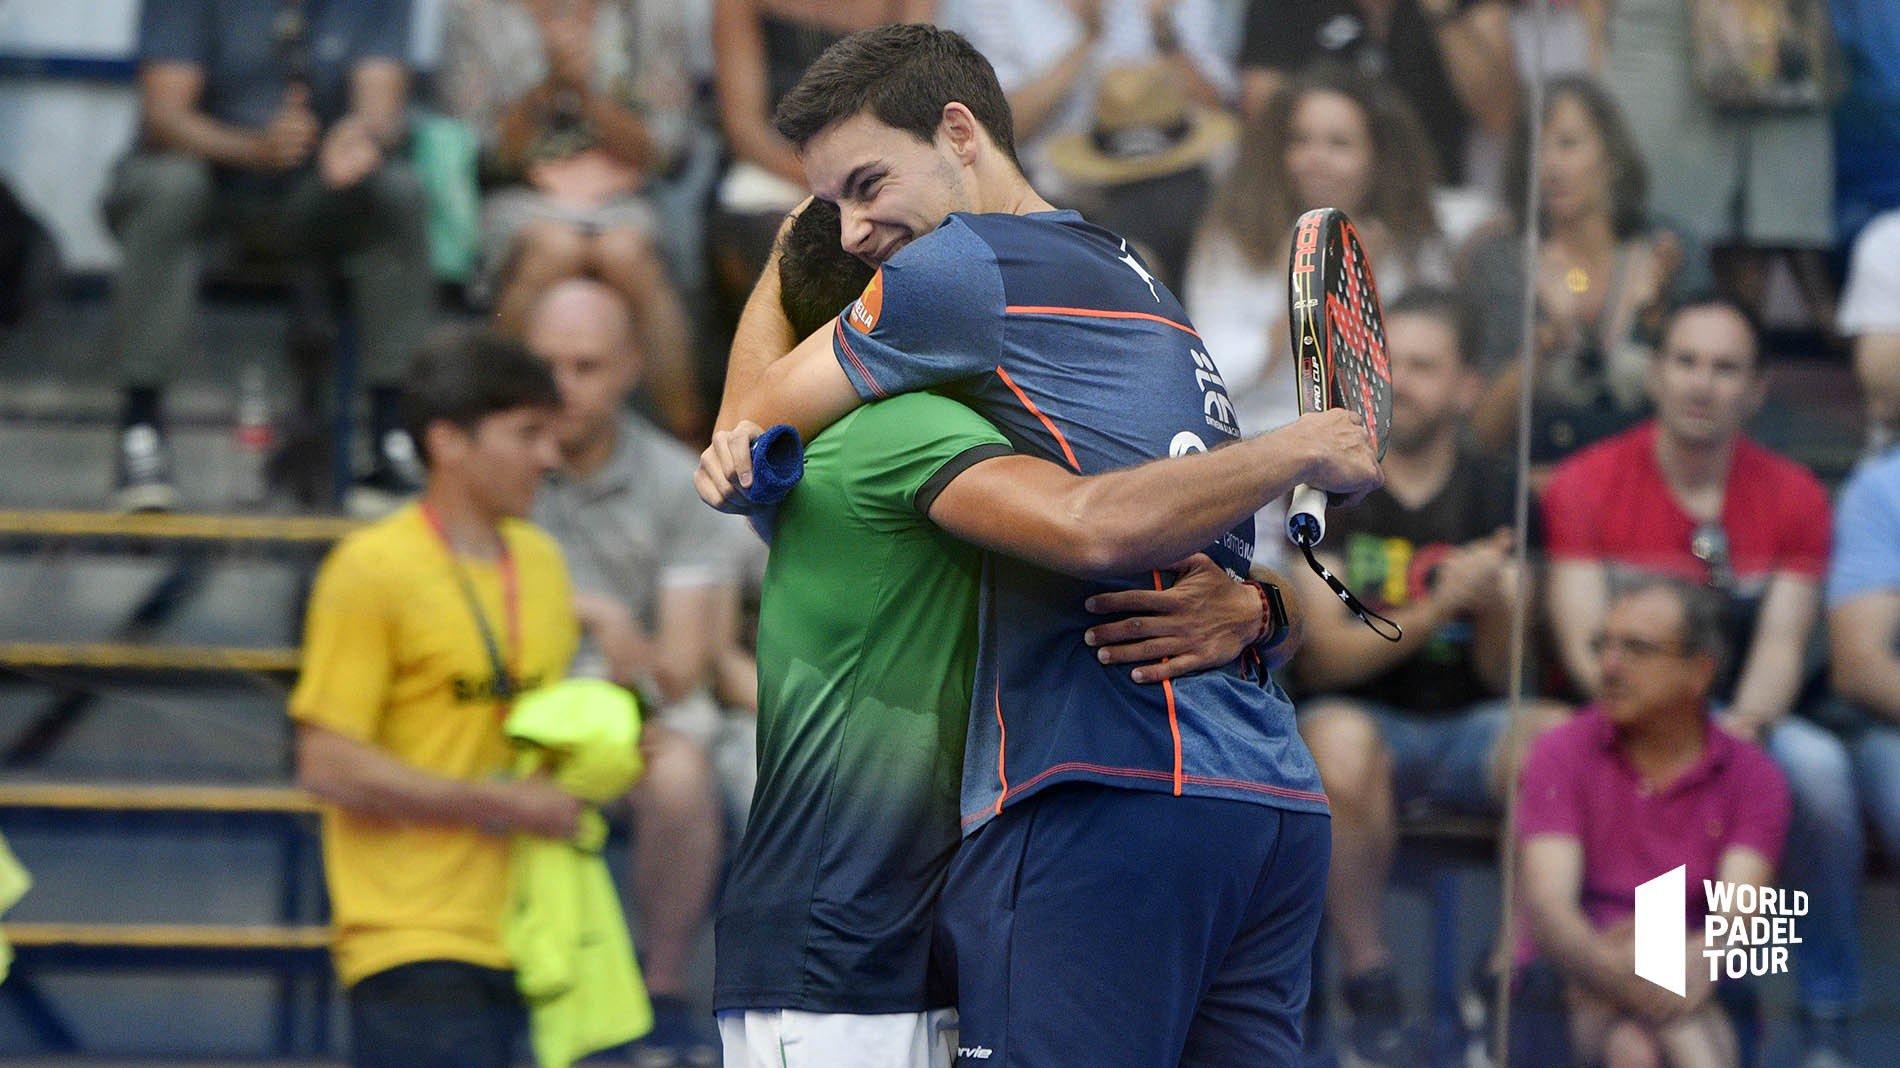 Andrés Britos y Iñigo Zaratiegui consiguen su primer pase a cuadro como pareja